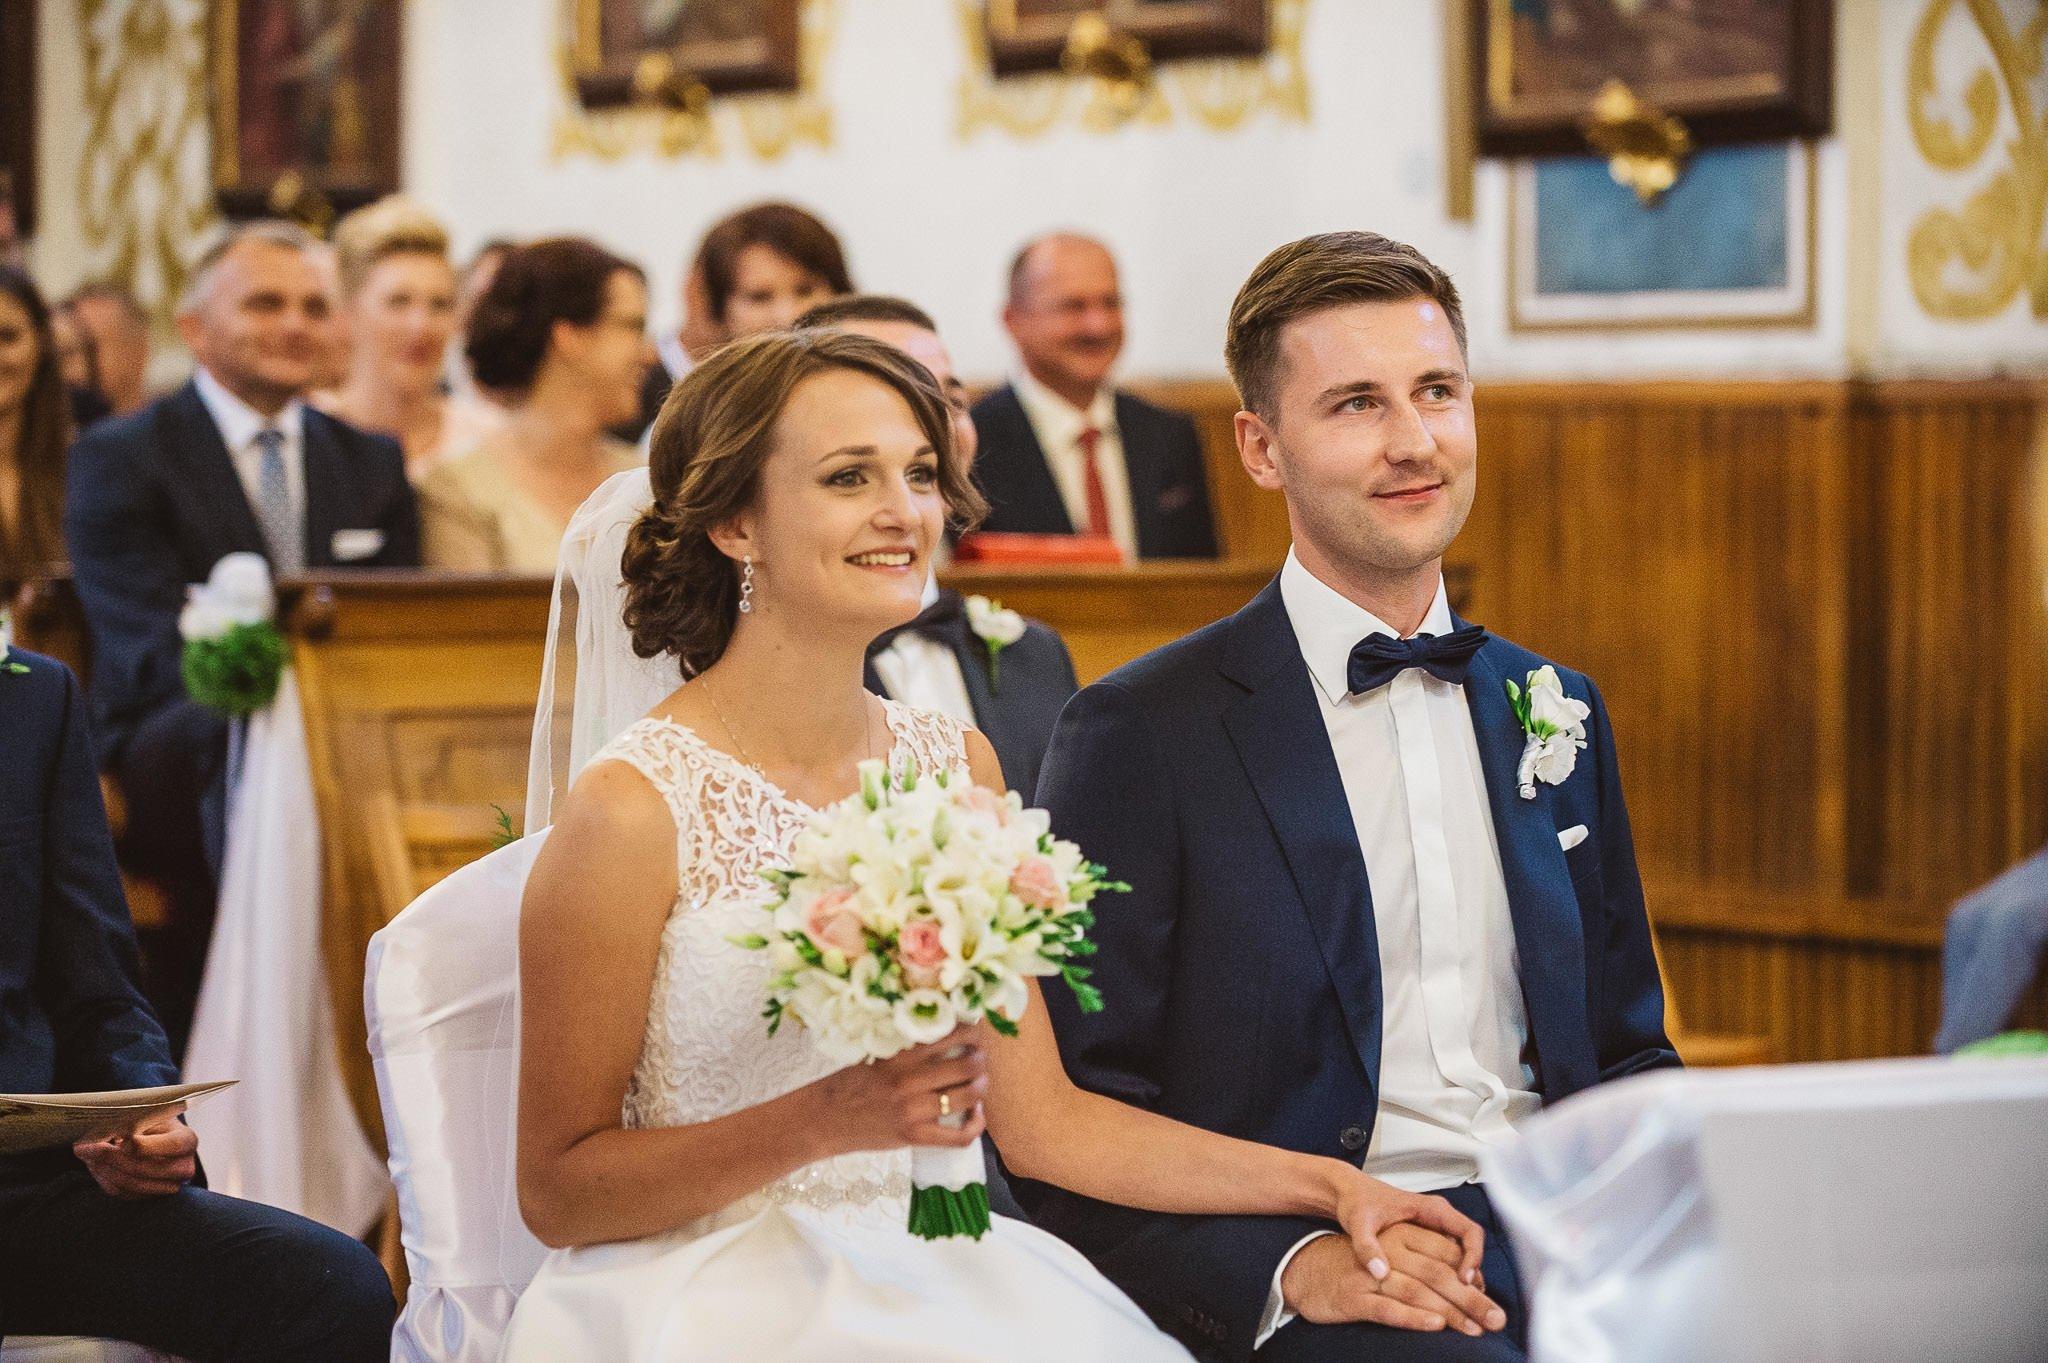 Monika i Michał, wesele w Paryżu i sesja plenerowa w stadninie koni w Czołowie 142